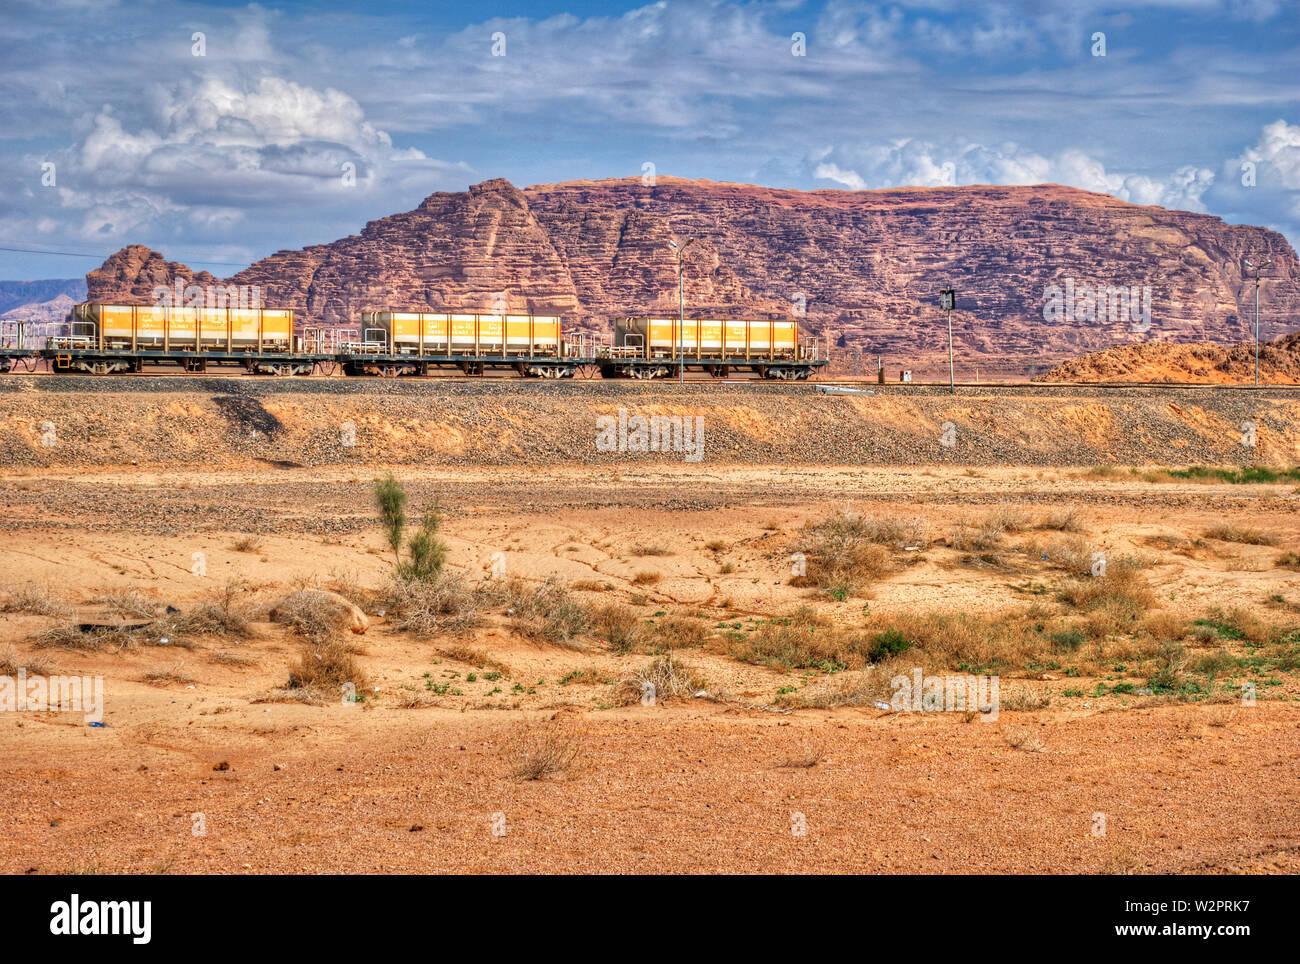 Lok Zug in Wadi Rum Wüste, Jordanien. Eisenbahn durch die Berge. Transport Thema. Stockfoto